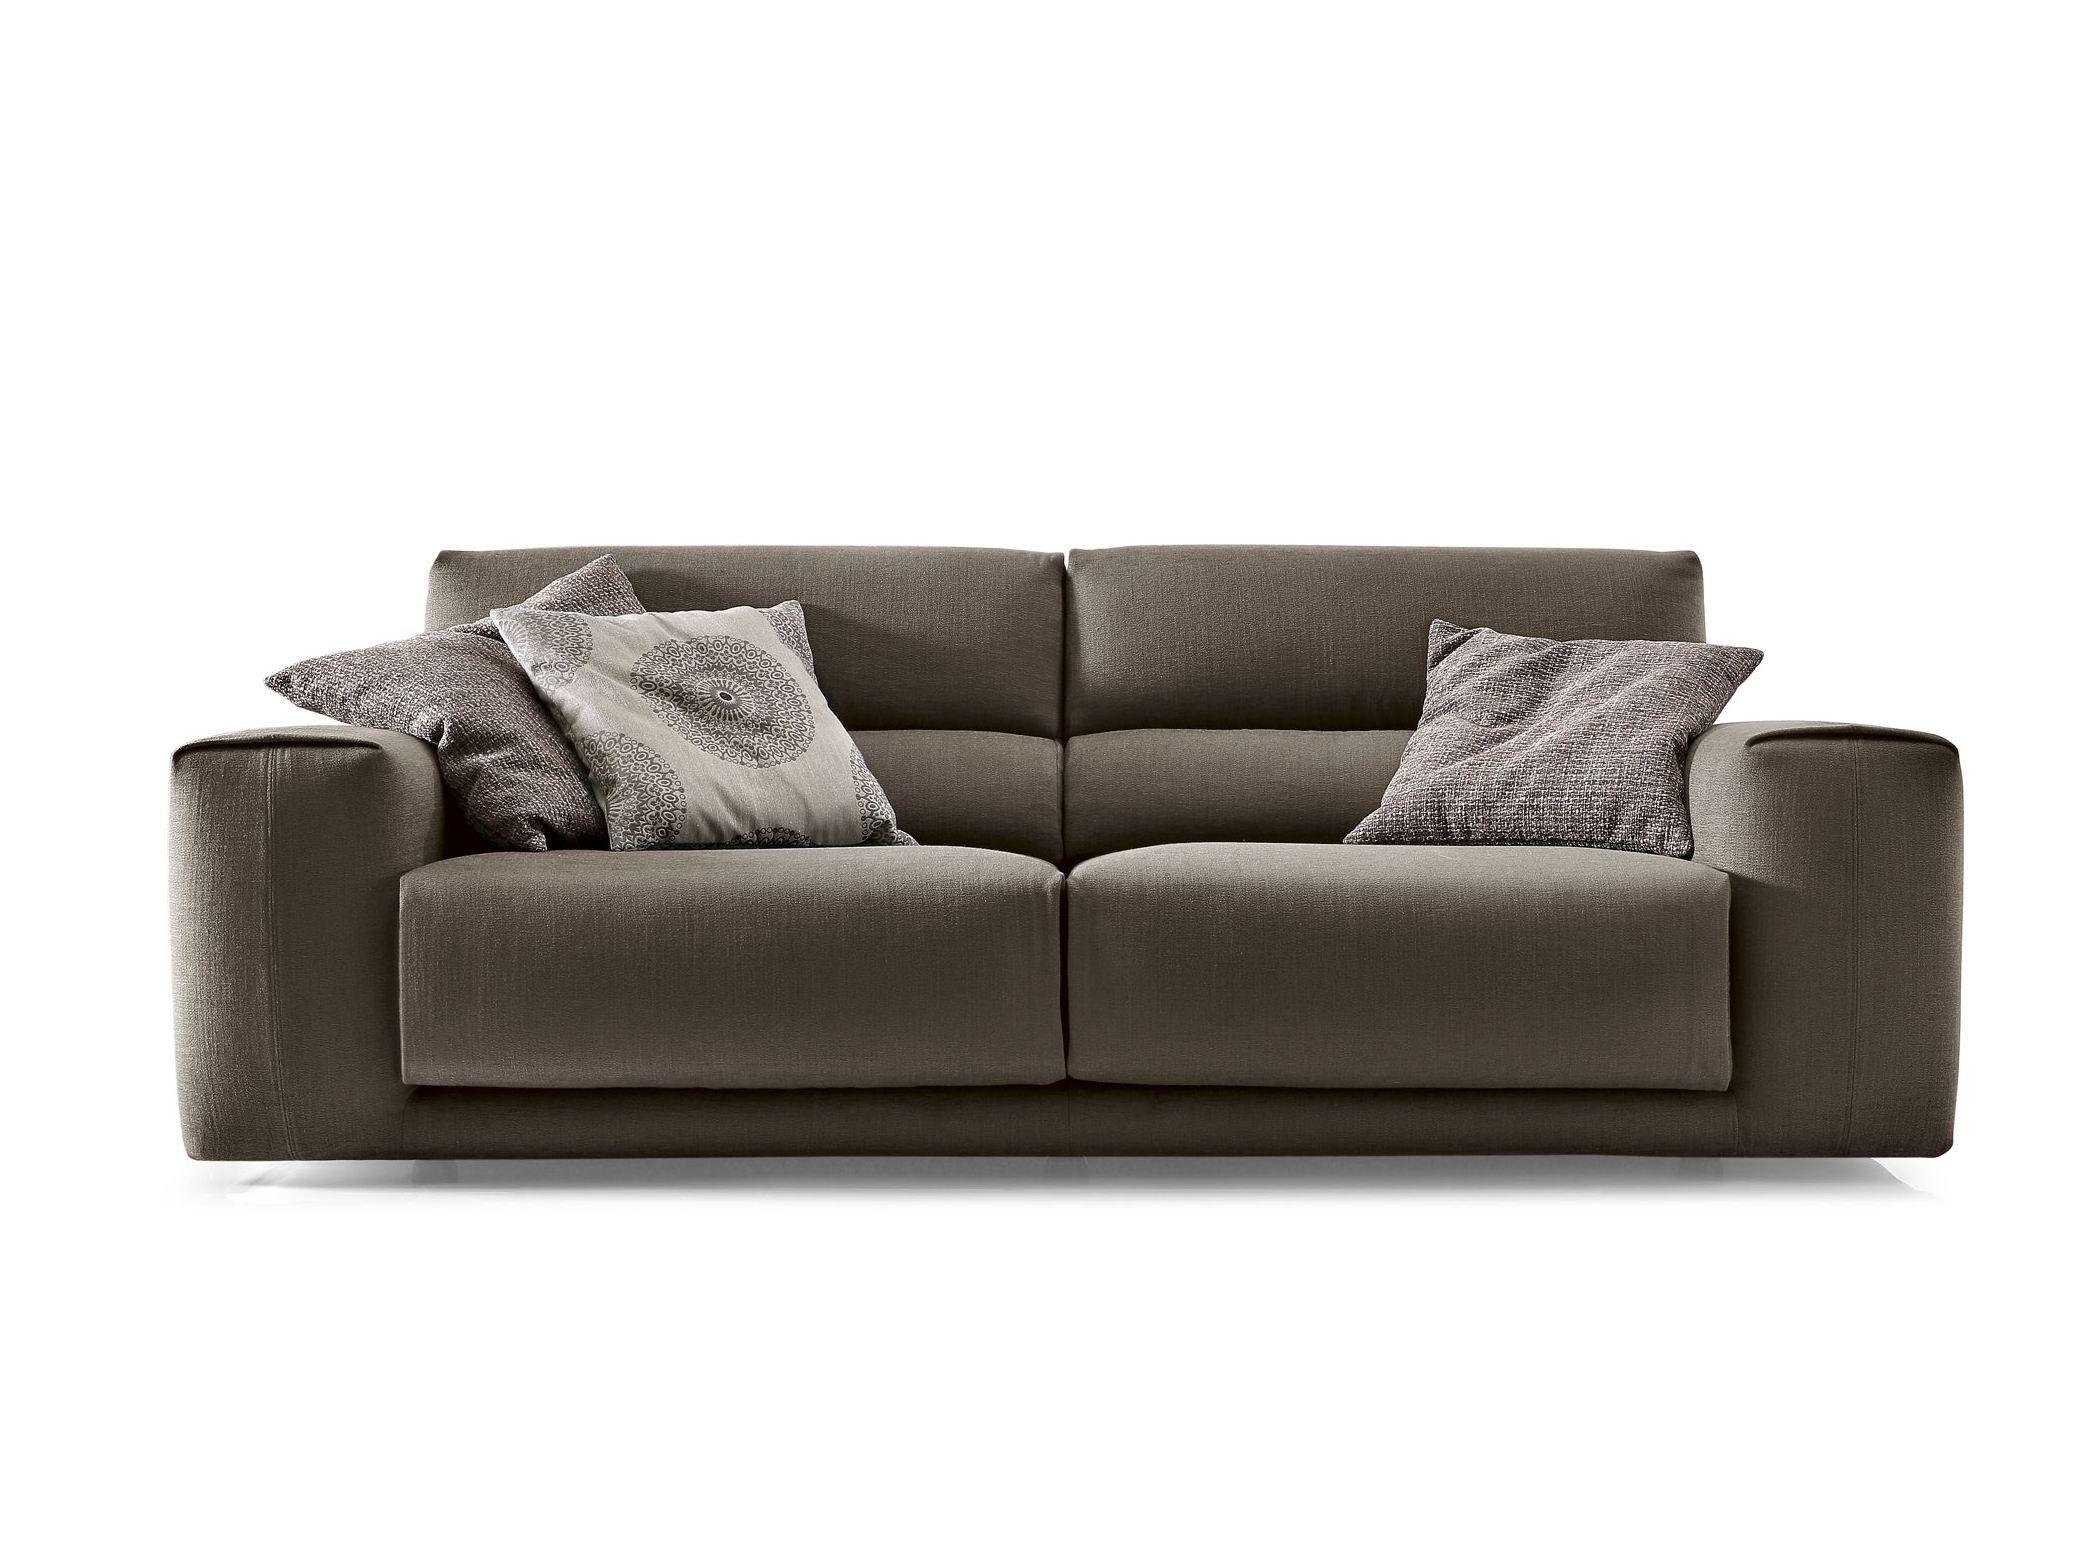 Sectional Fabric Sofa Booman By Ditre Italia Design Stefano Spessotto Lorella Agnoletto